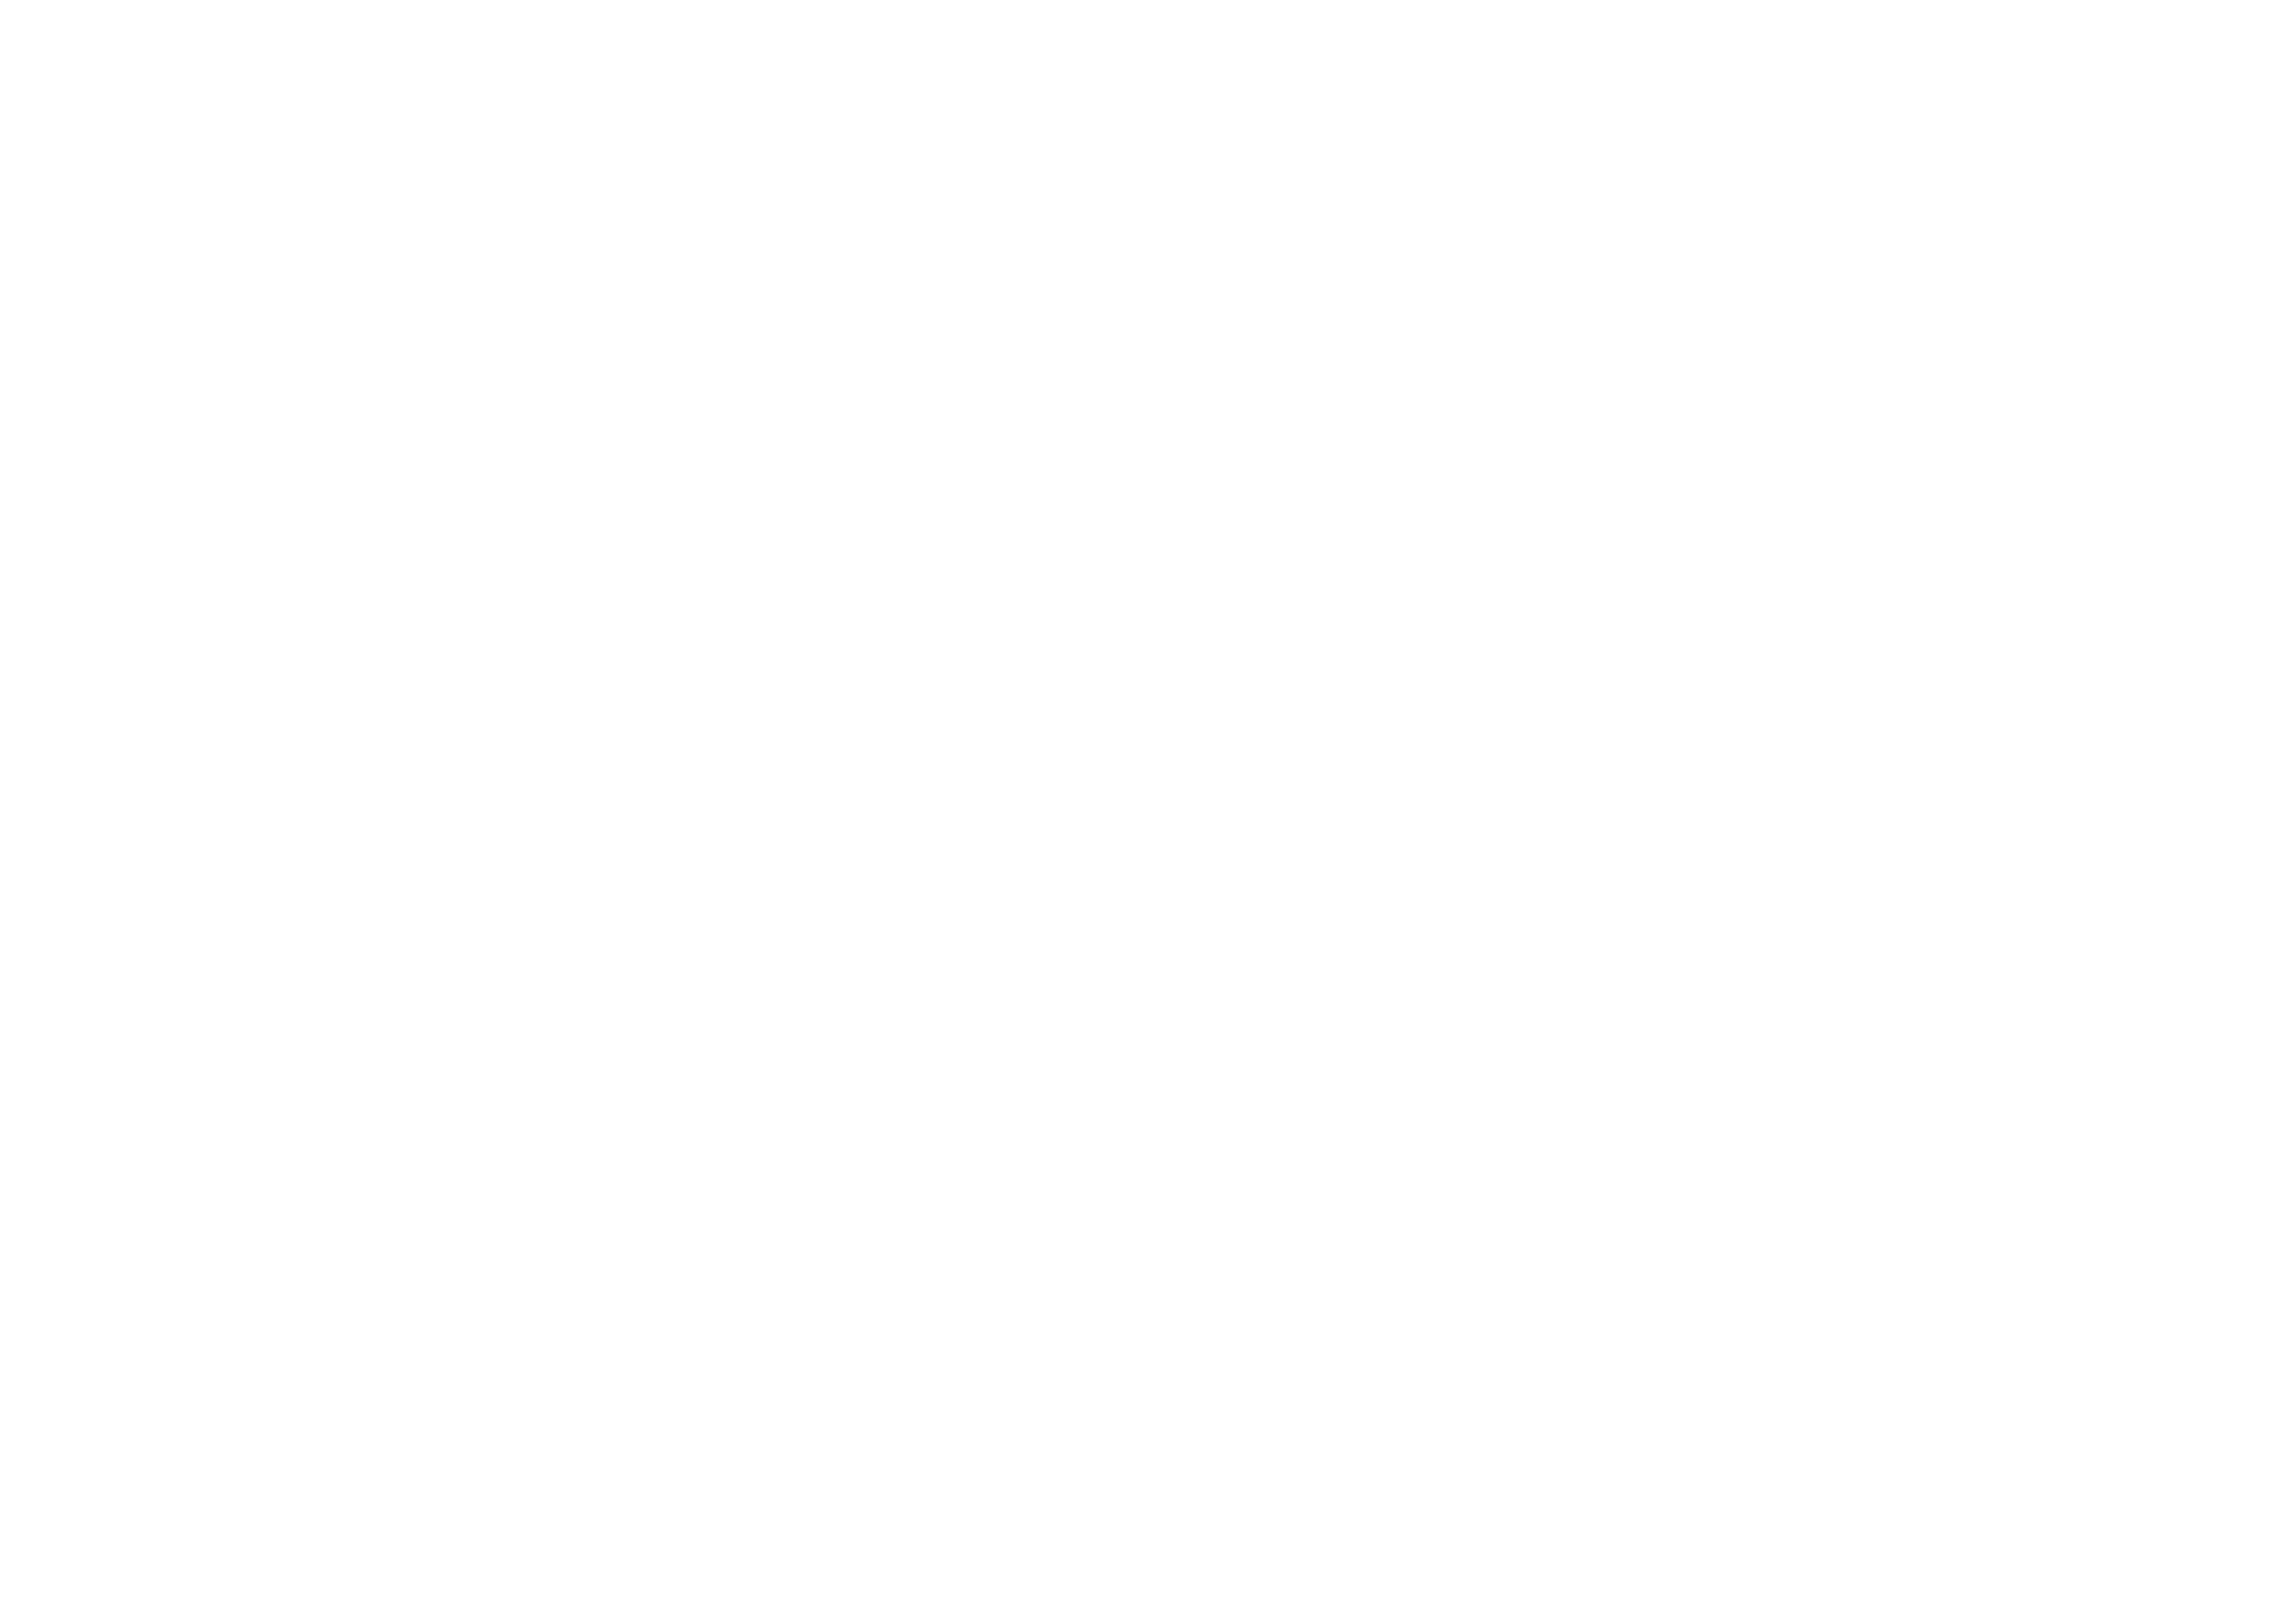 Billingford Lakes